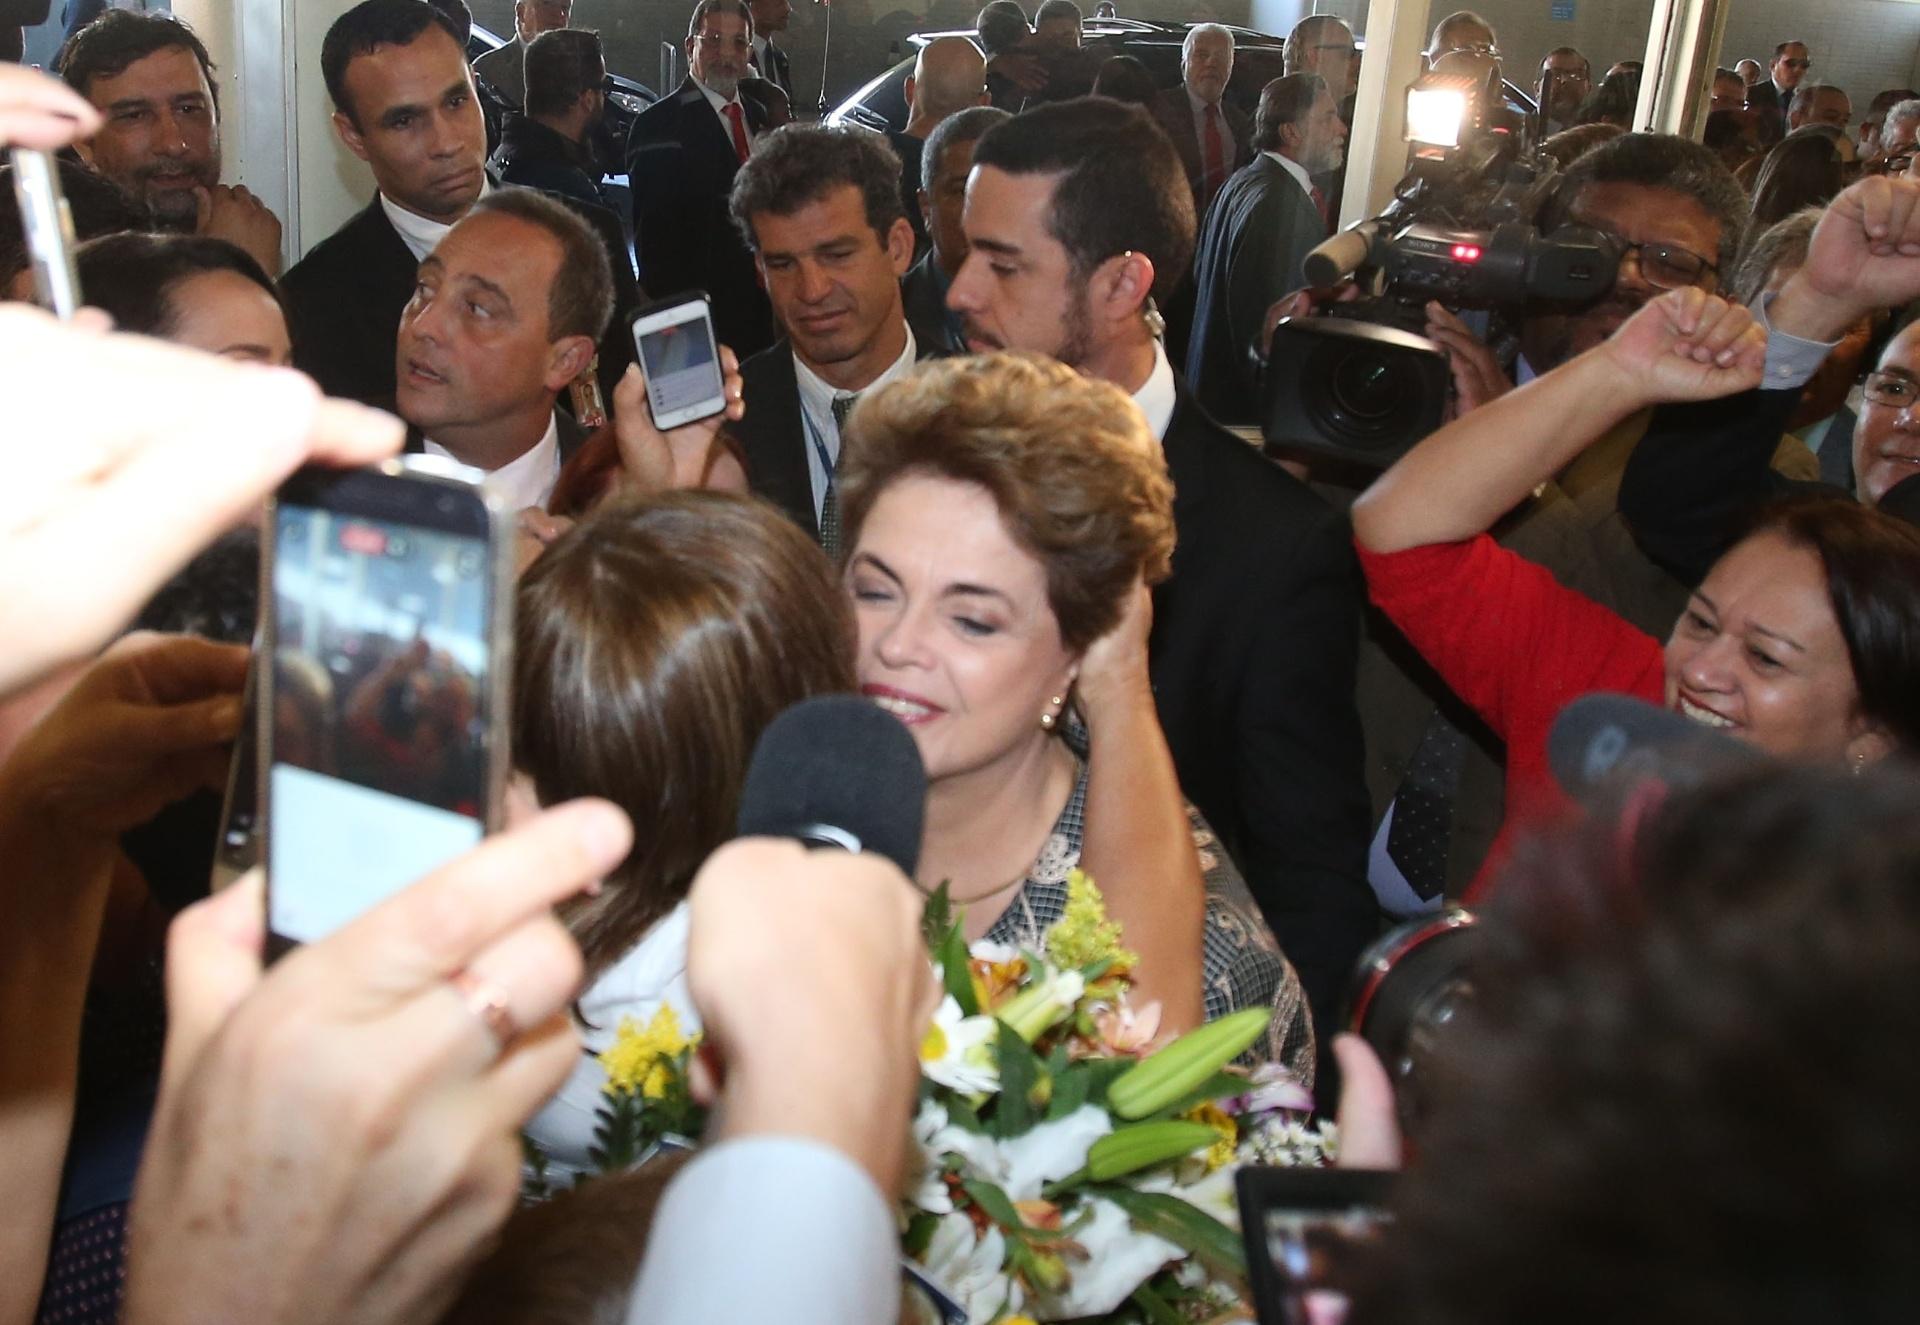 29.ago.2016 - A presidente afastada, Dilma Rousseff, é recebida por militantes no Senado Federal, em Brasília, onde apresentará sua defesa no processo de impeachment